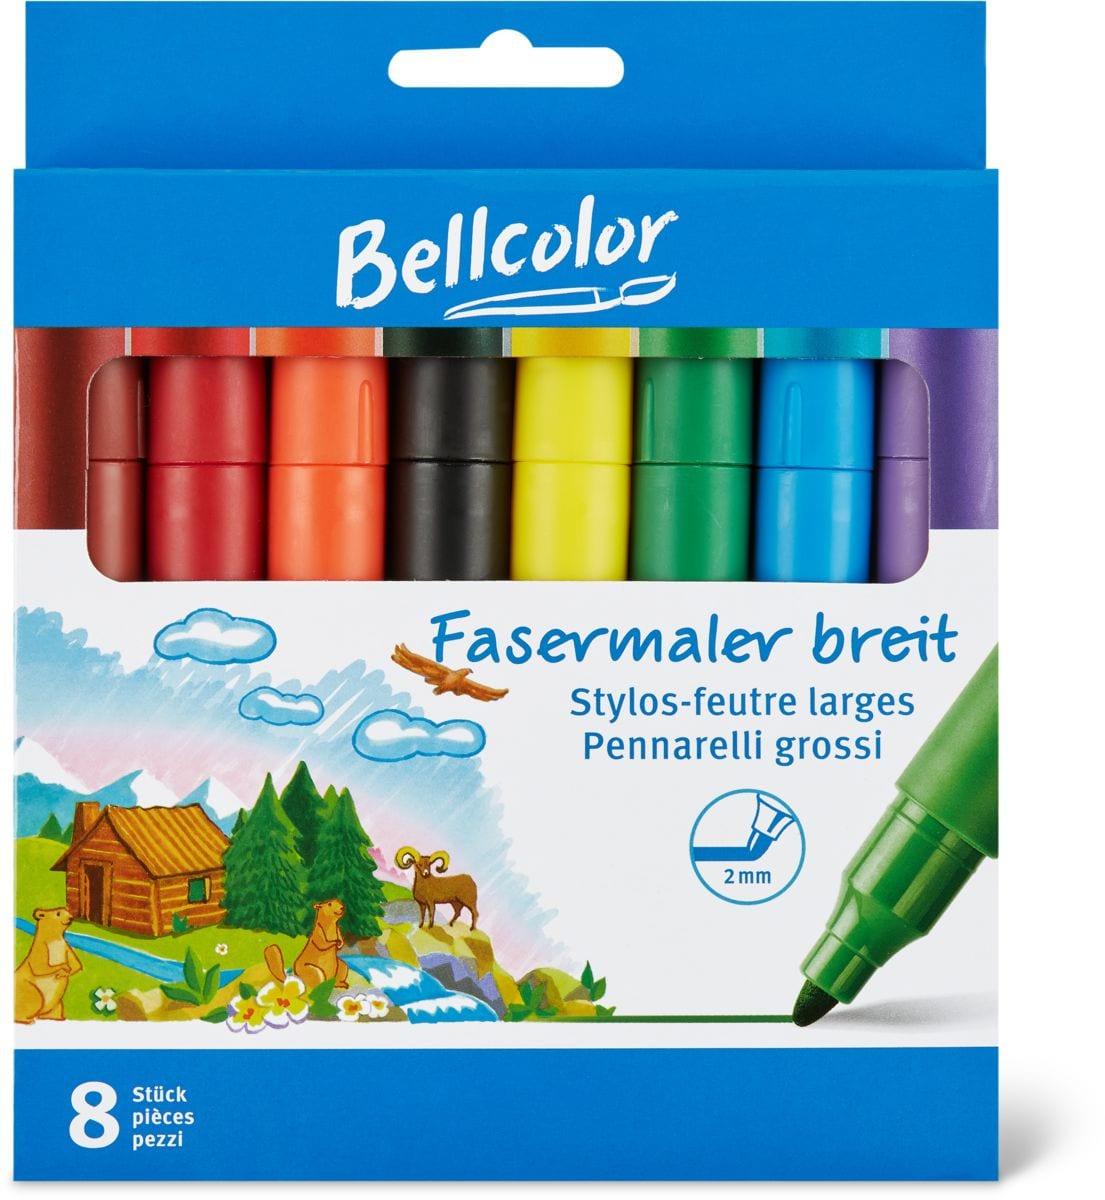 Bellcolor Bellcolor Pennarelli grossi